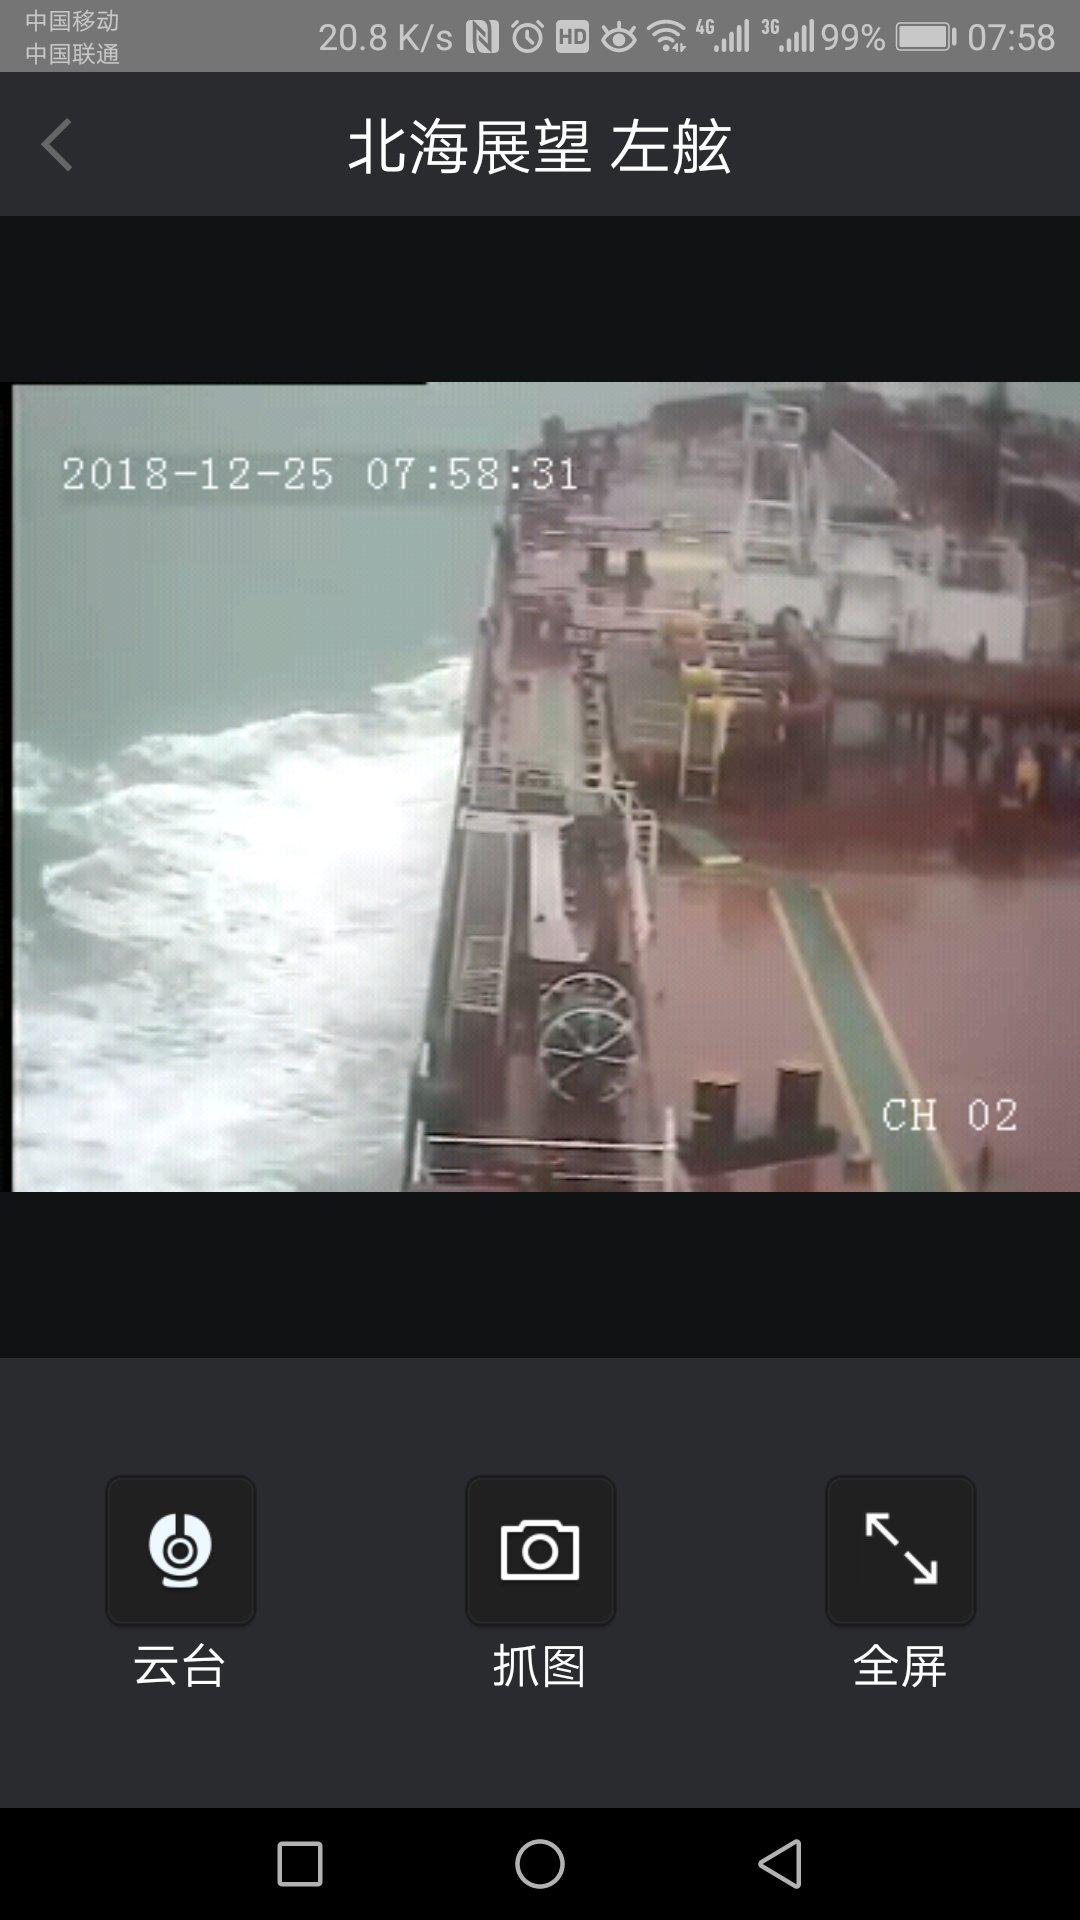 中远海船舶监控图3